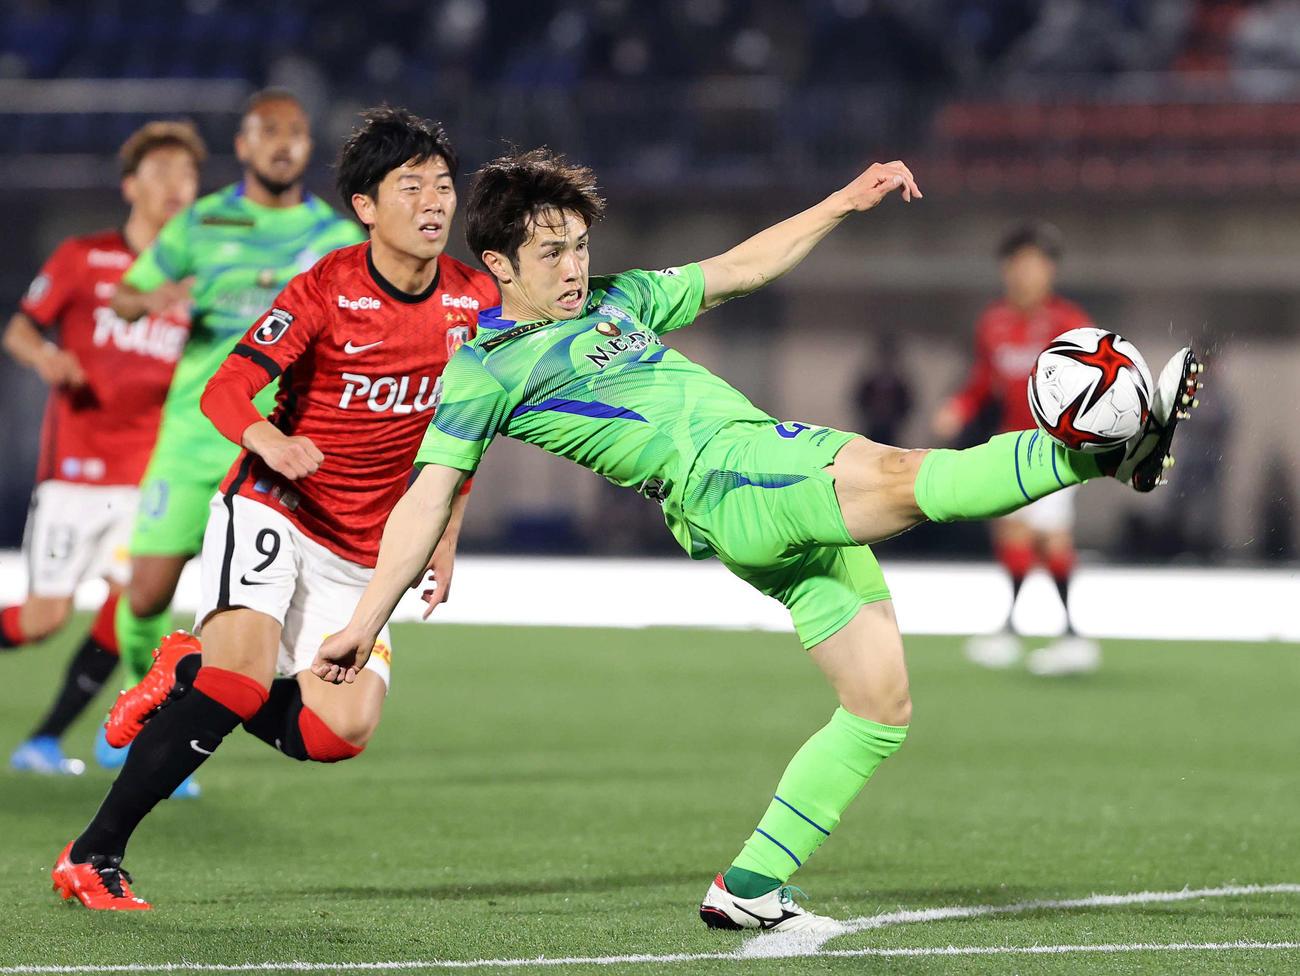 湘南対浦和 前半、ボールをクリアする湘南DF舘(右)。左は浦和FW武藤(撮影・鈴木正人)